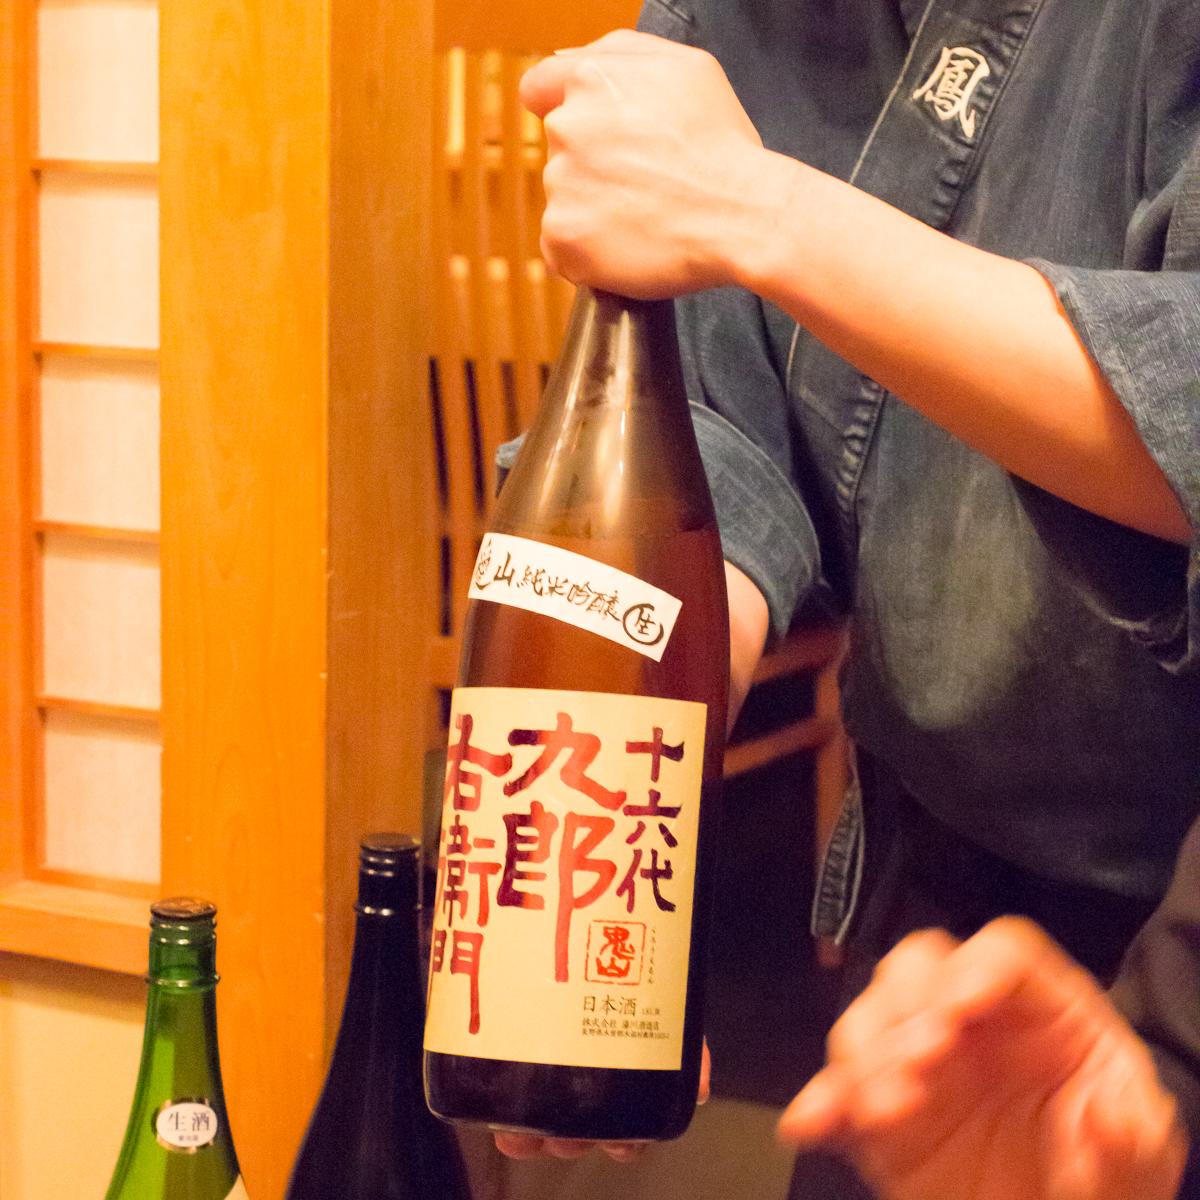 鈴木三河屋セミナー&食事会(26)